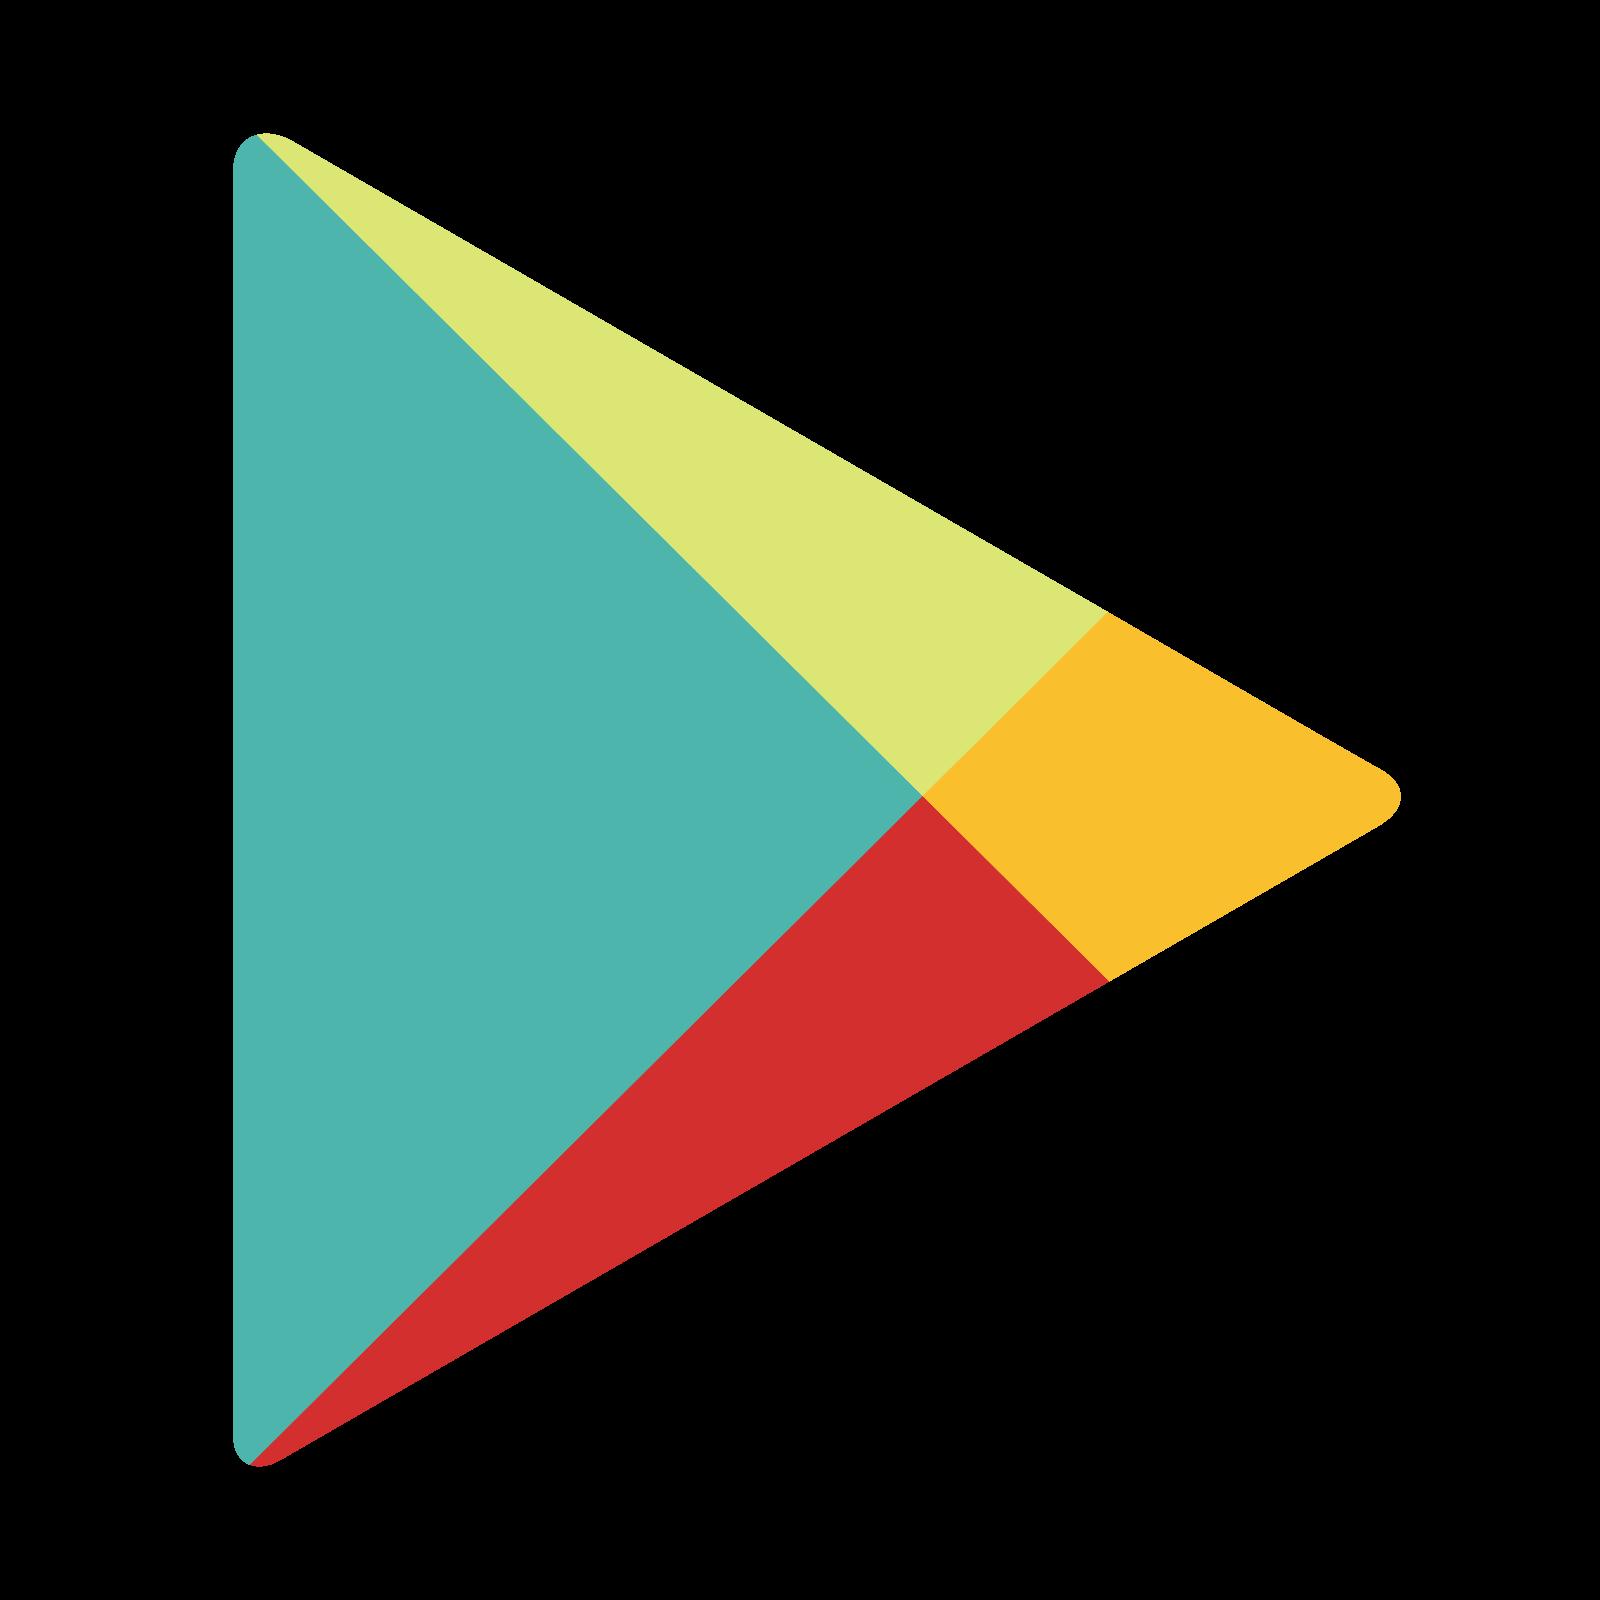 دانلود نسخه مود شده برنامه Google Play Store برای اندروید + مود